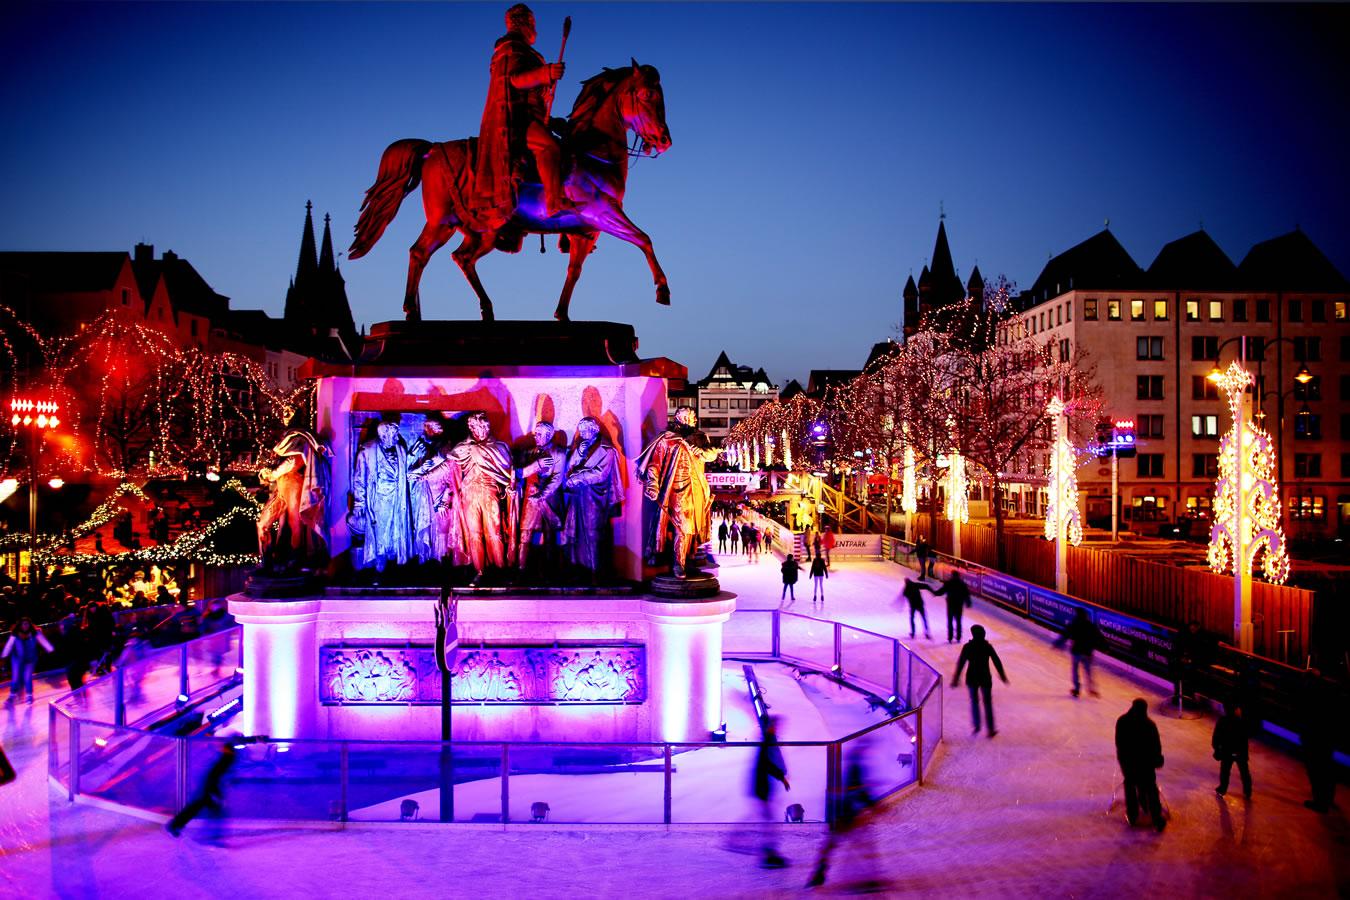 Historischer Weihnachtsmarkt in Köln